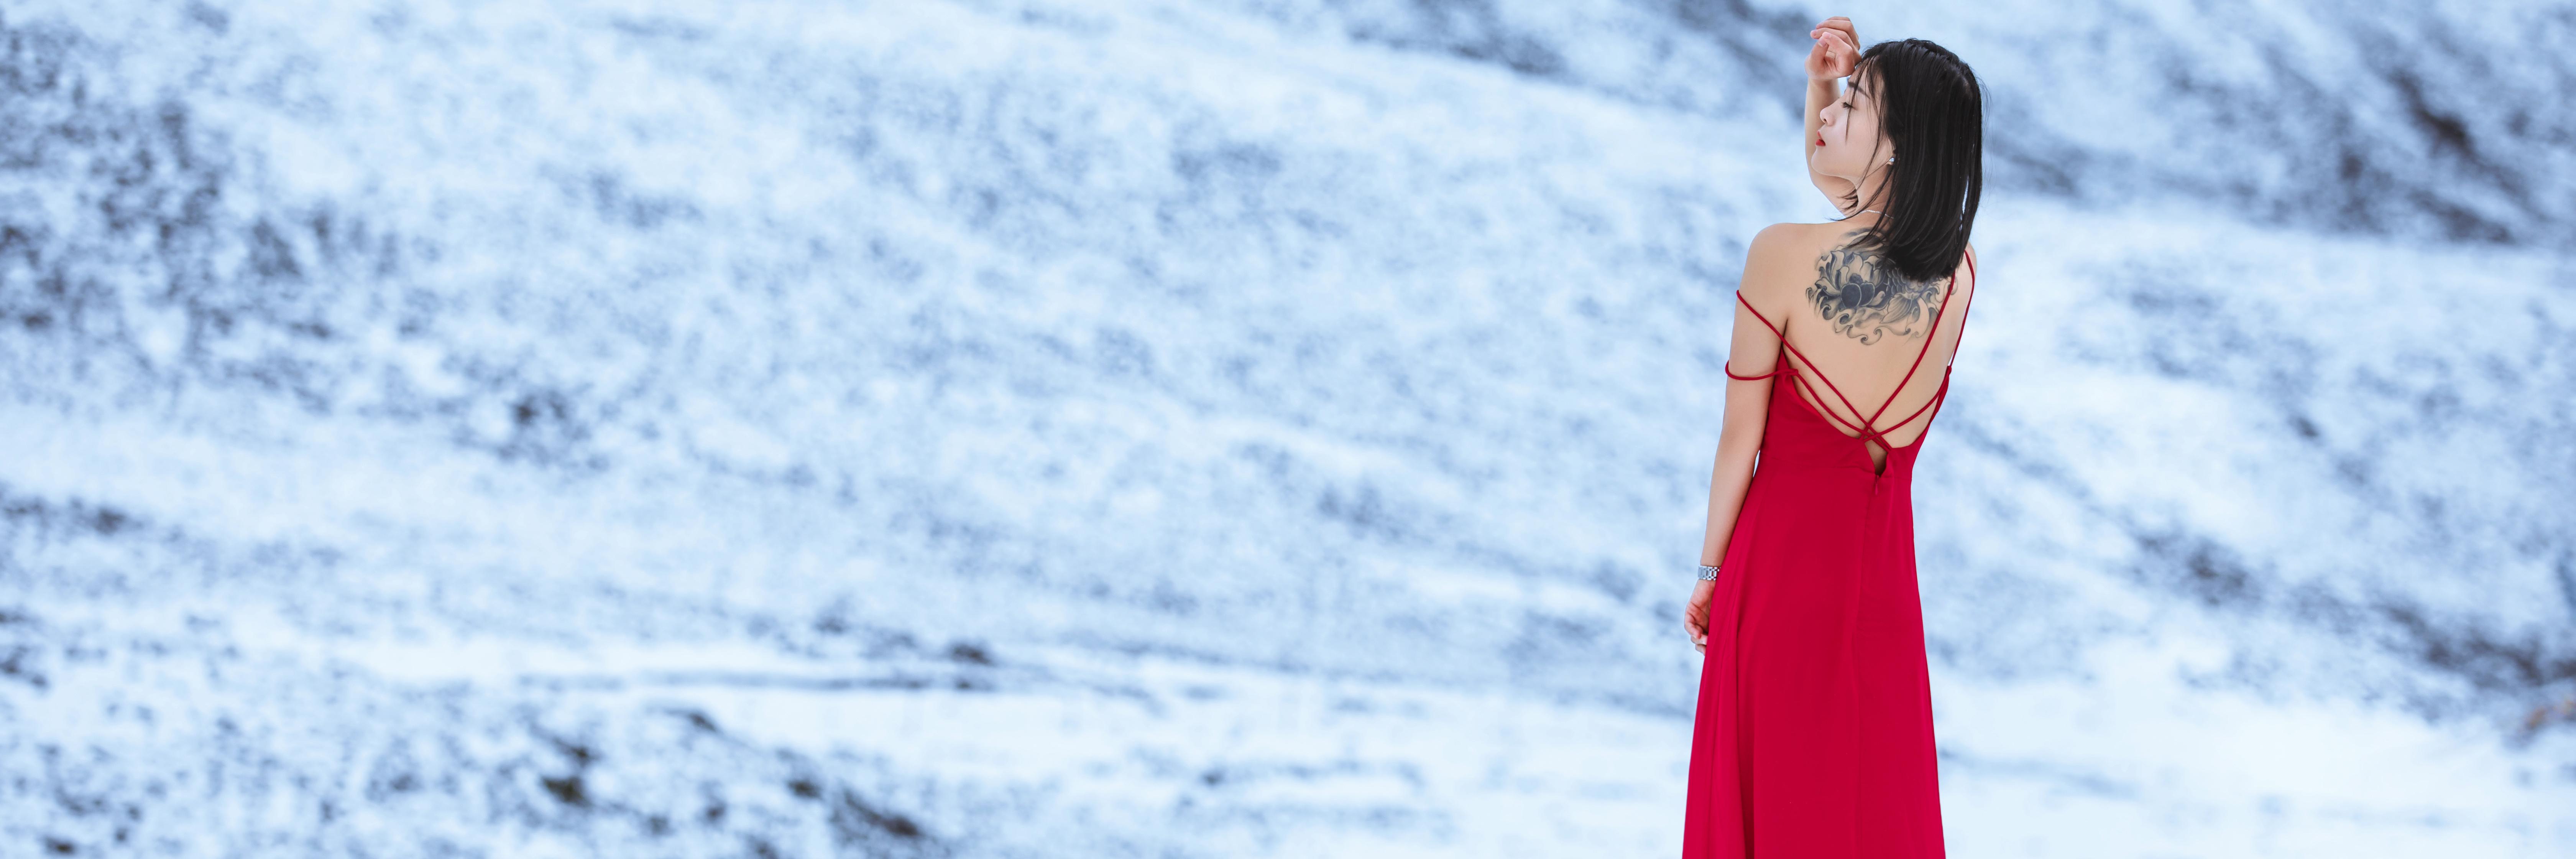 【带着大嫂去旅行第十四集】同大嫂及闺蜜甘孜游,历经恶劣天气。